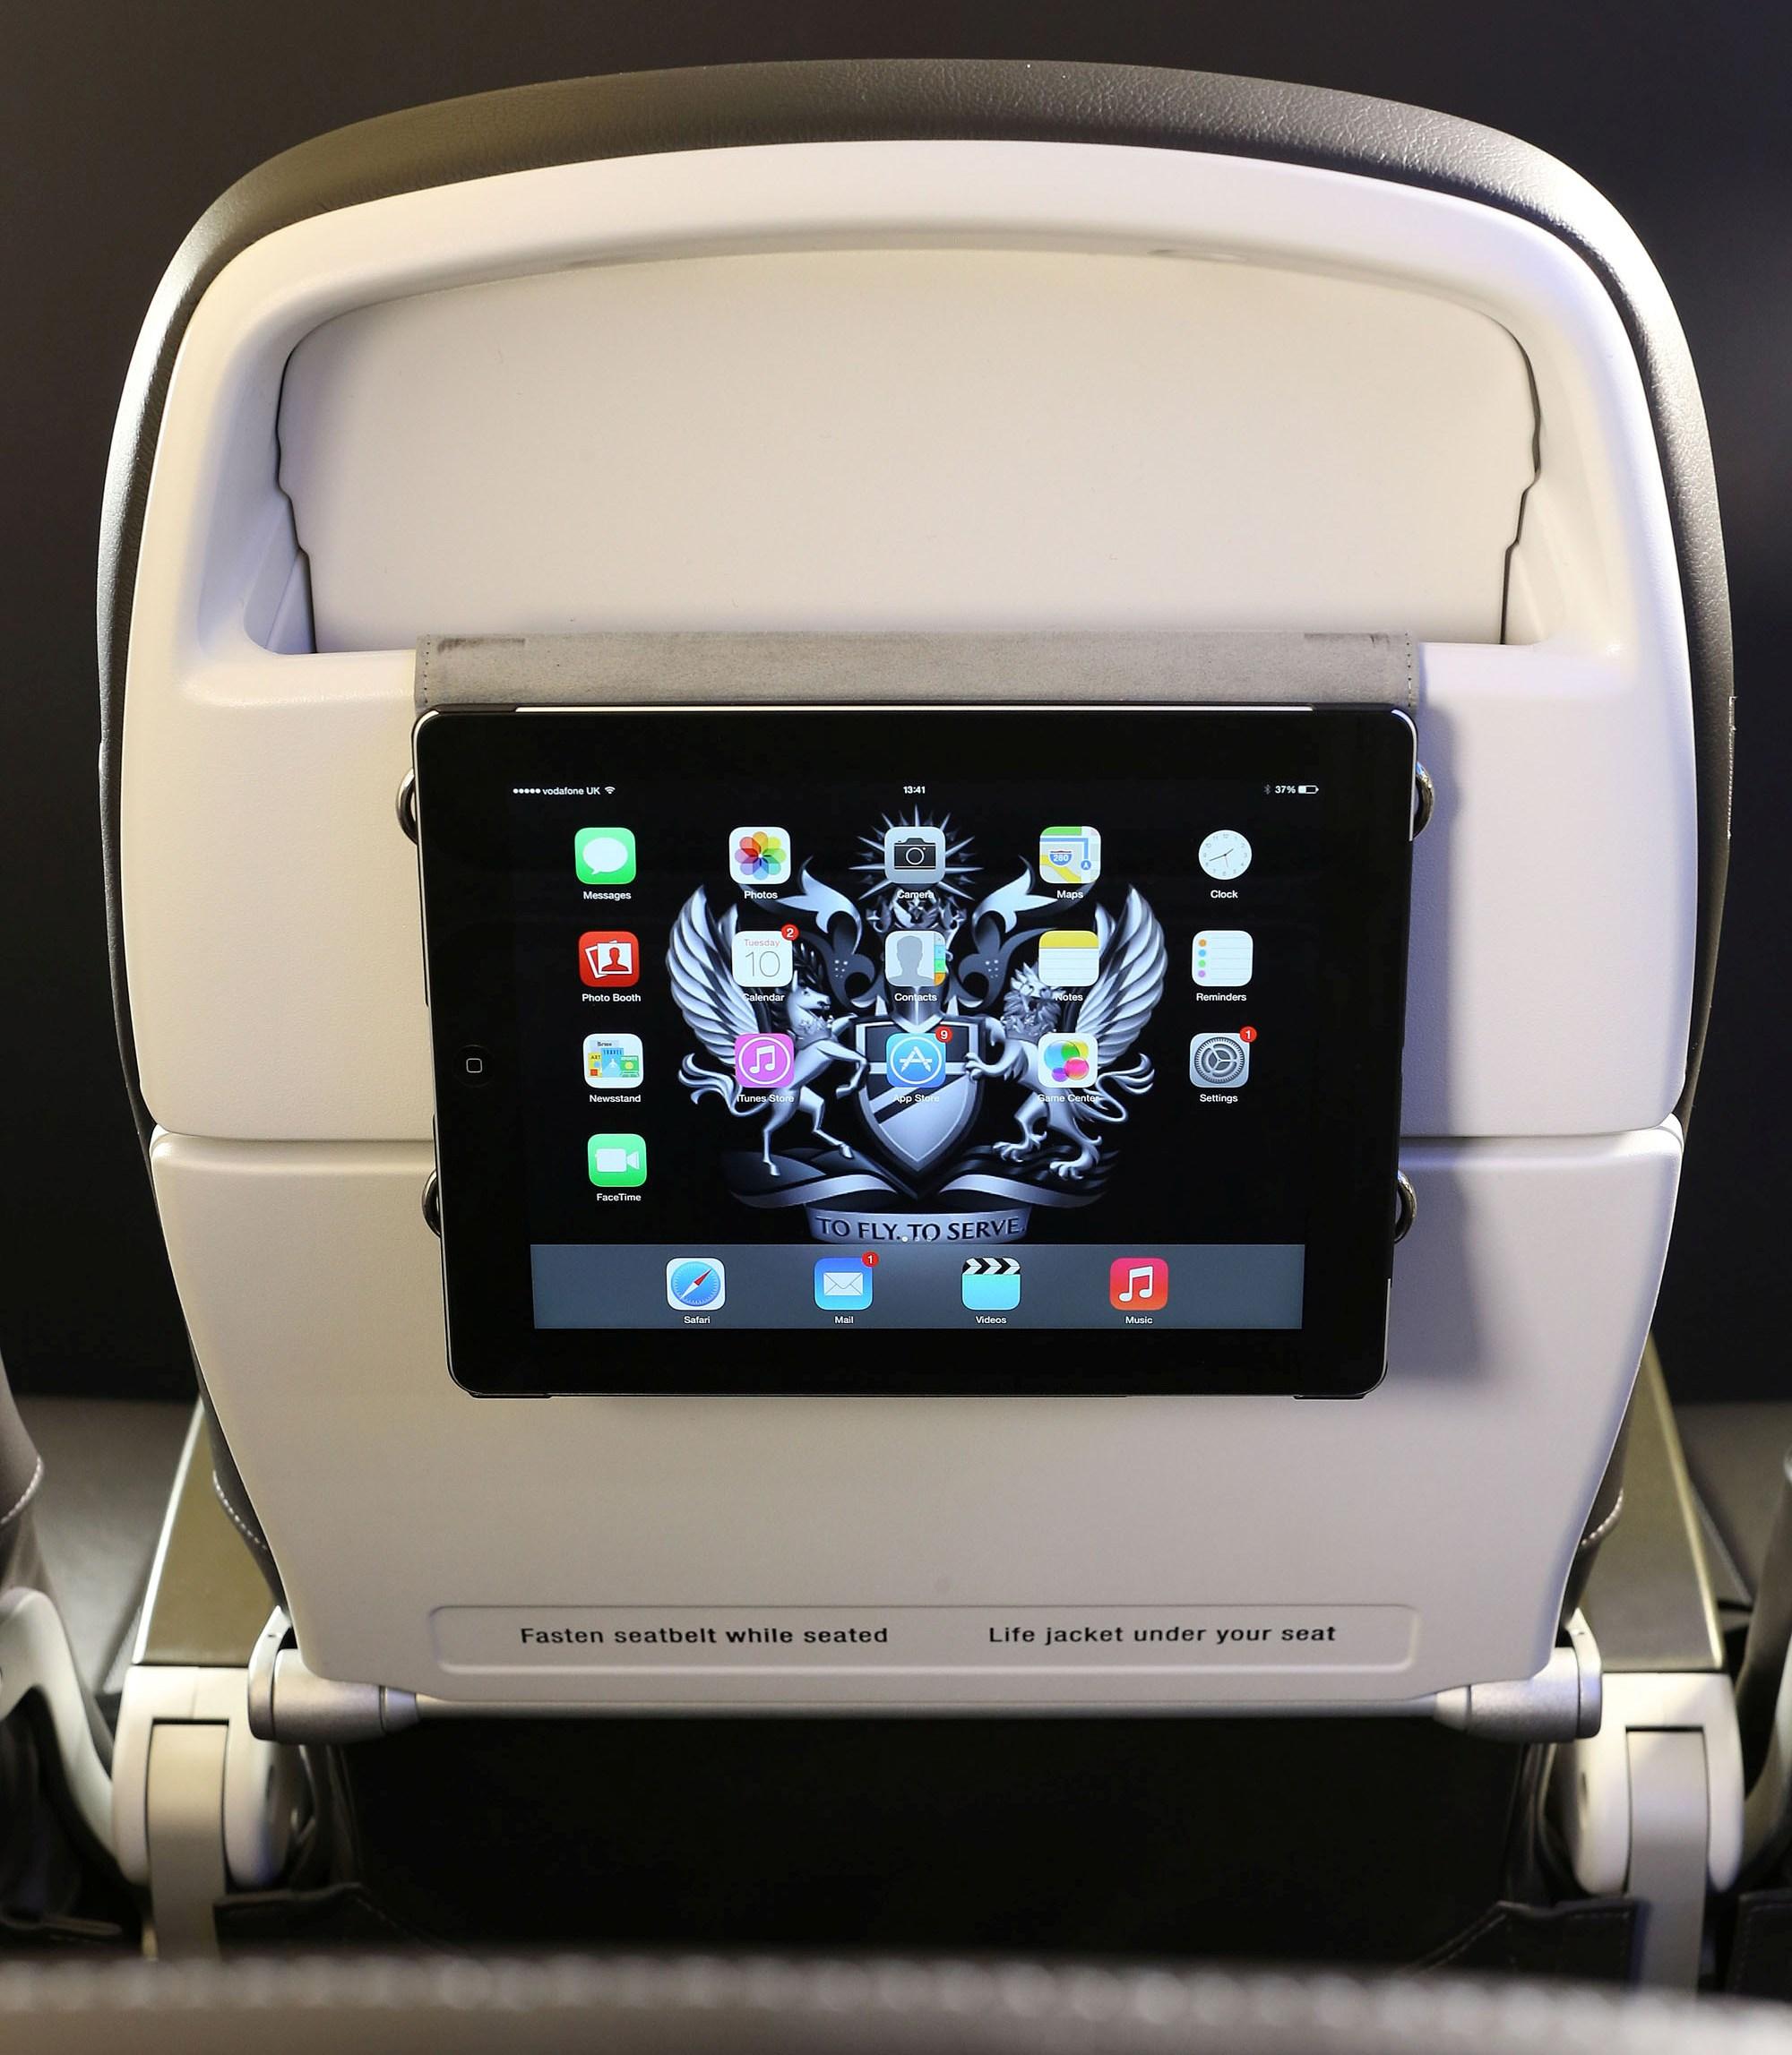 3f98663980030 BA_short haul_slim line seat_tablet holder. Merkezî şekilde yayınlanacak uçak  içi eğlence ...